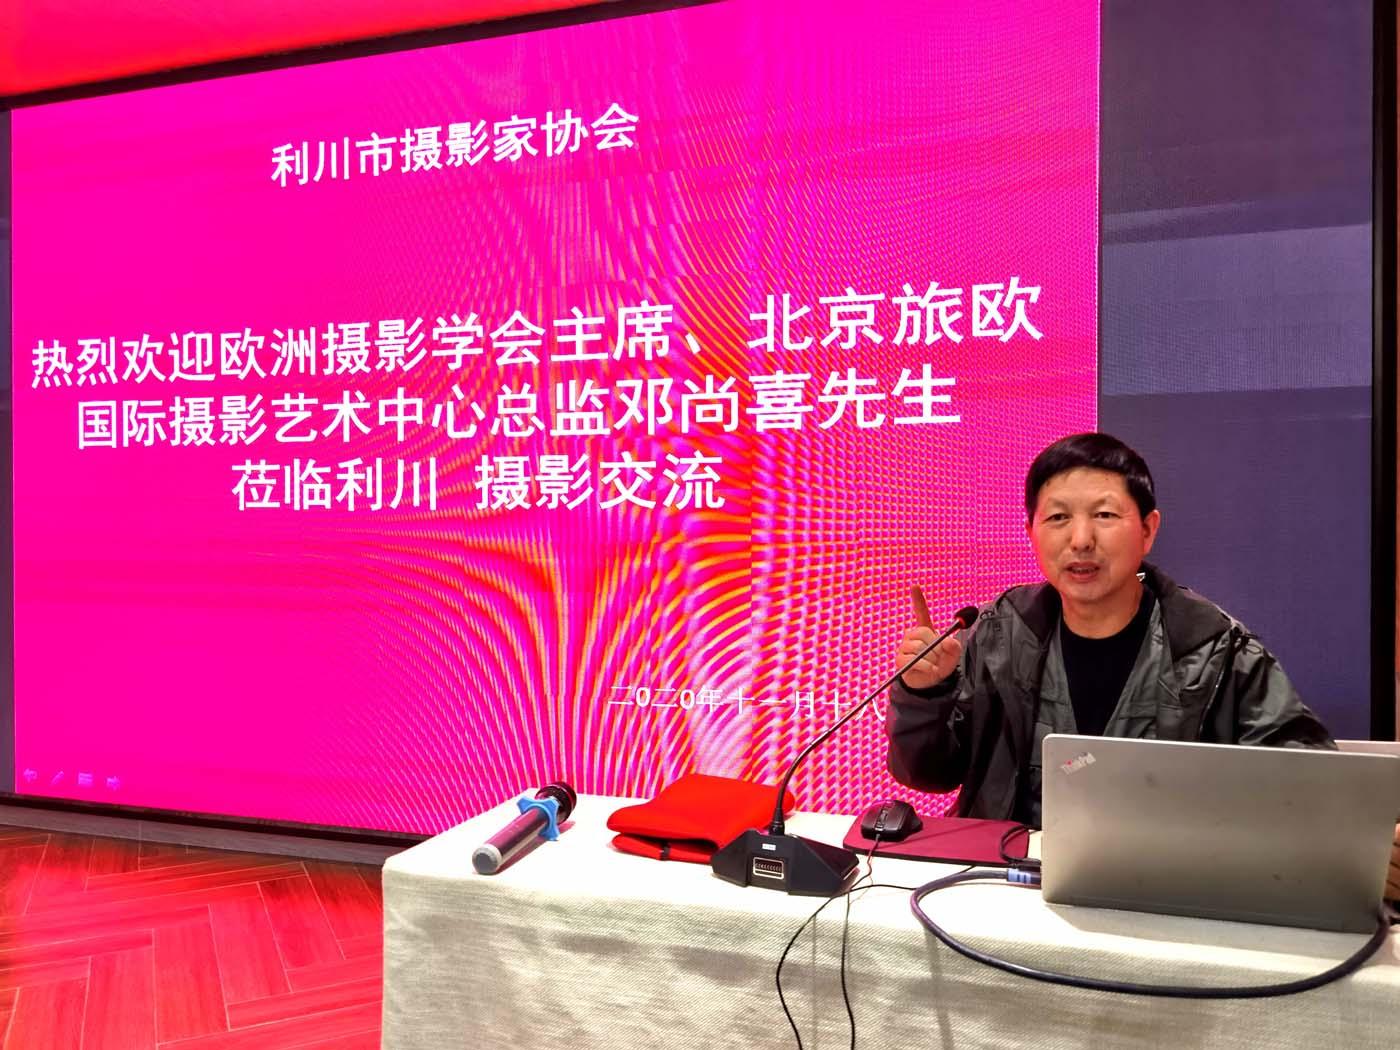 11月17日至29日,邓尚喜主席《感悟摄影》讲座走进湘鄂赣,与三地摄影组织开展摄影交流活动